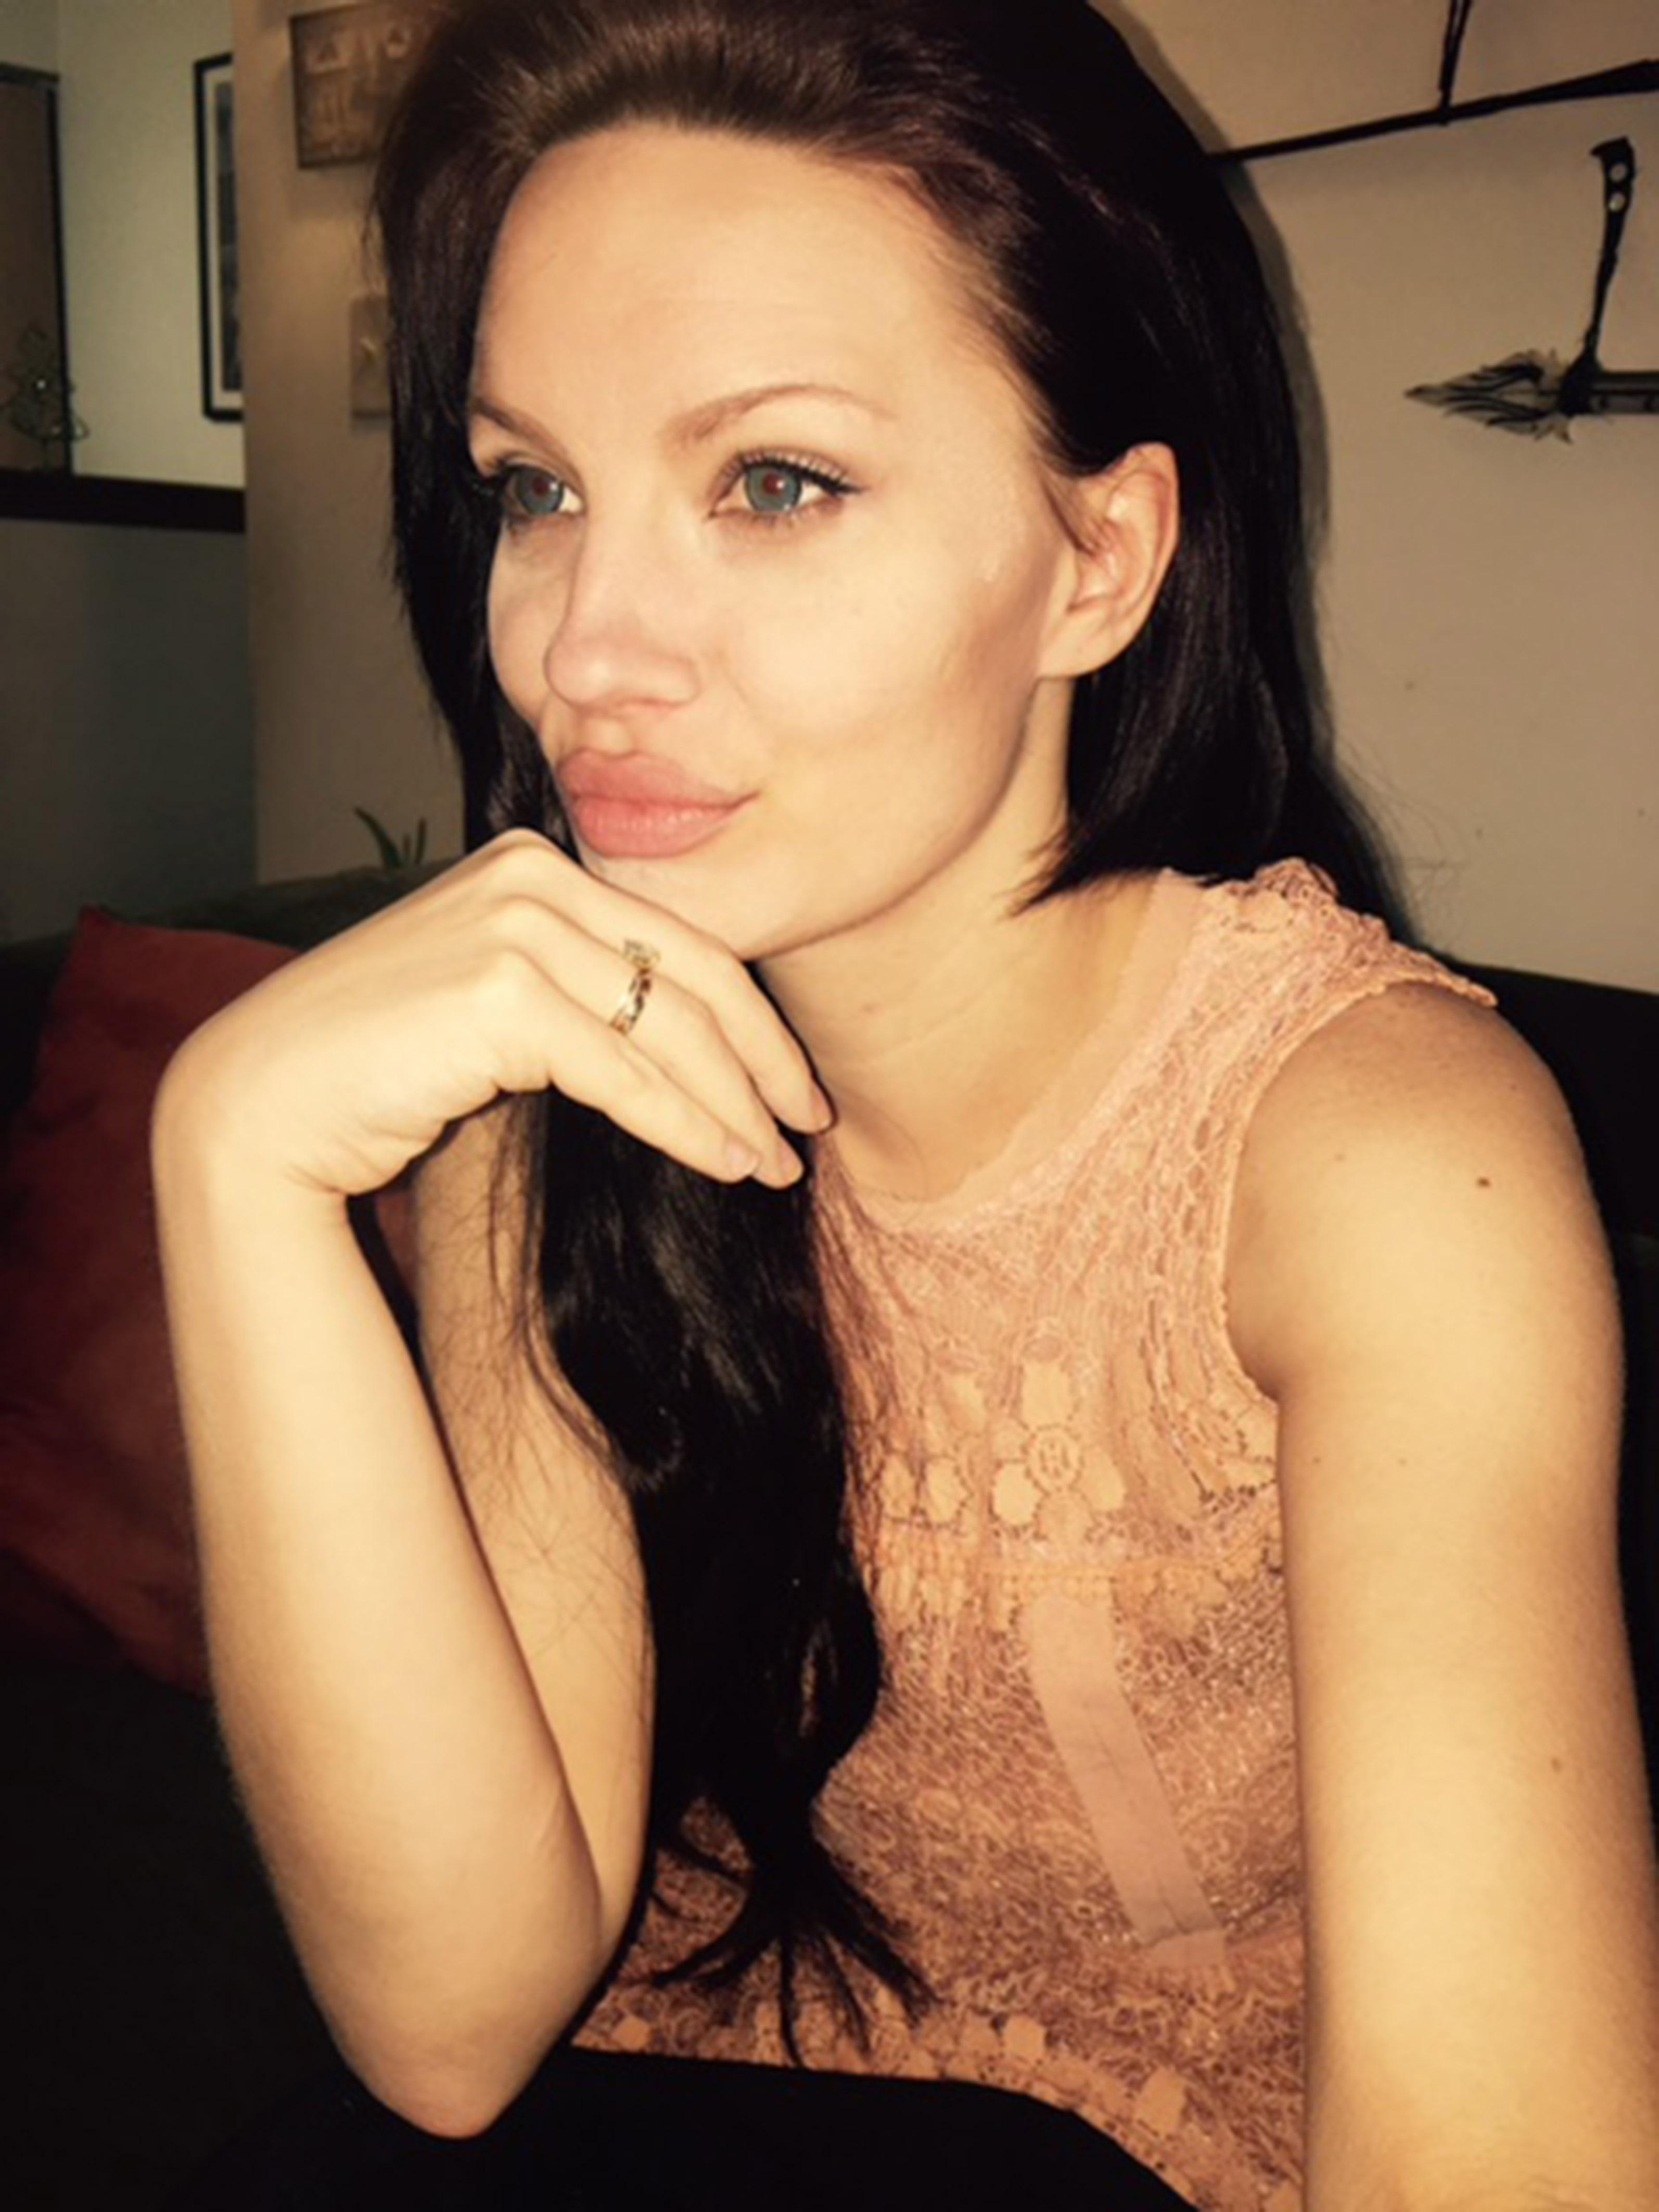 Angelina Jolie Look-a-Like